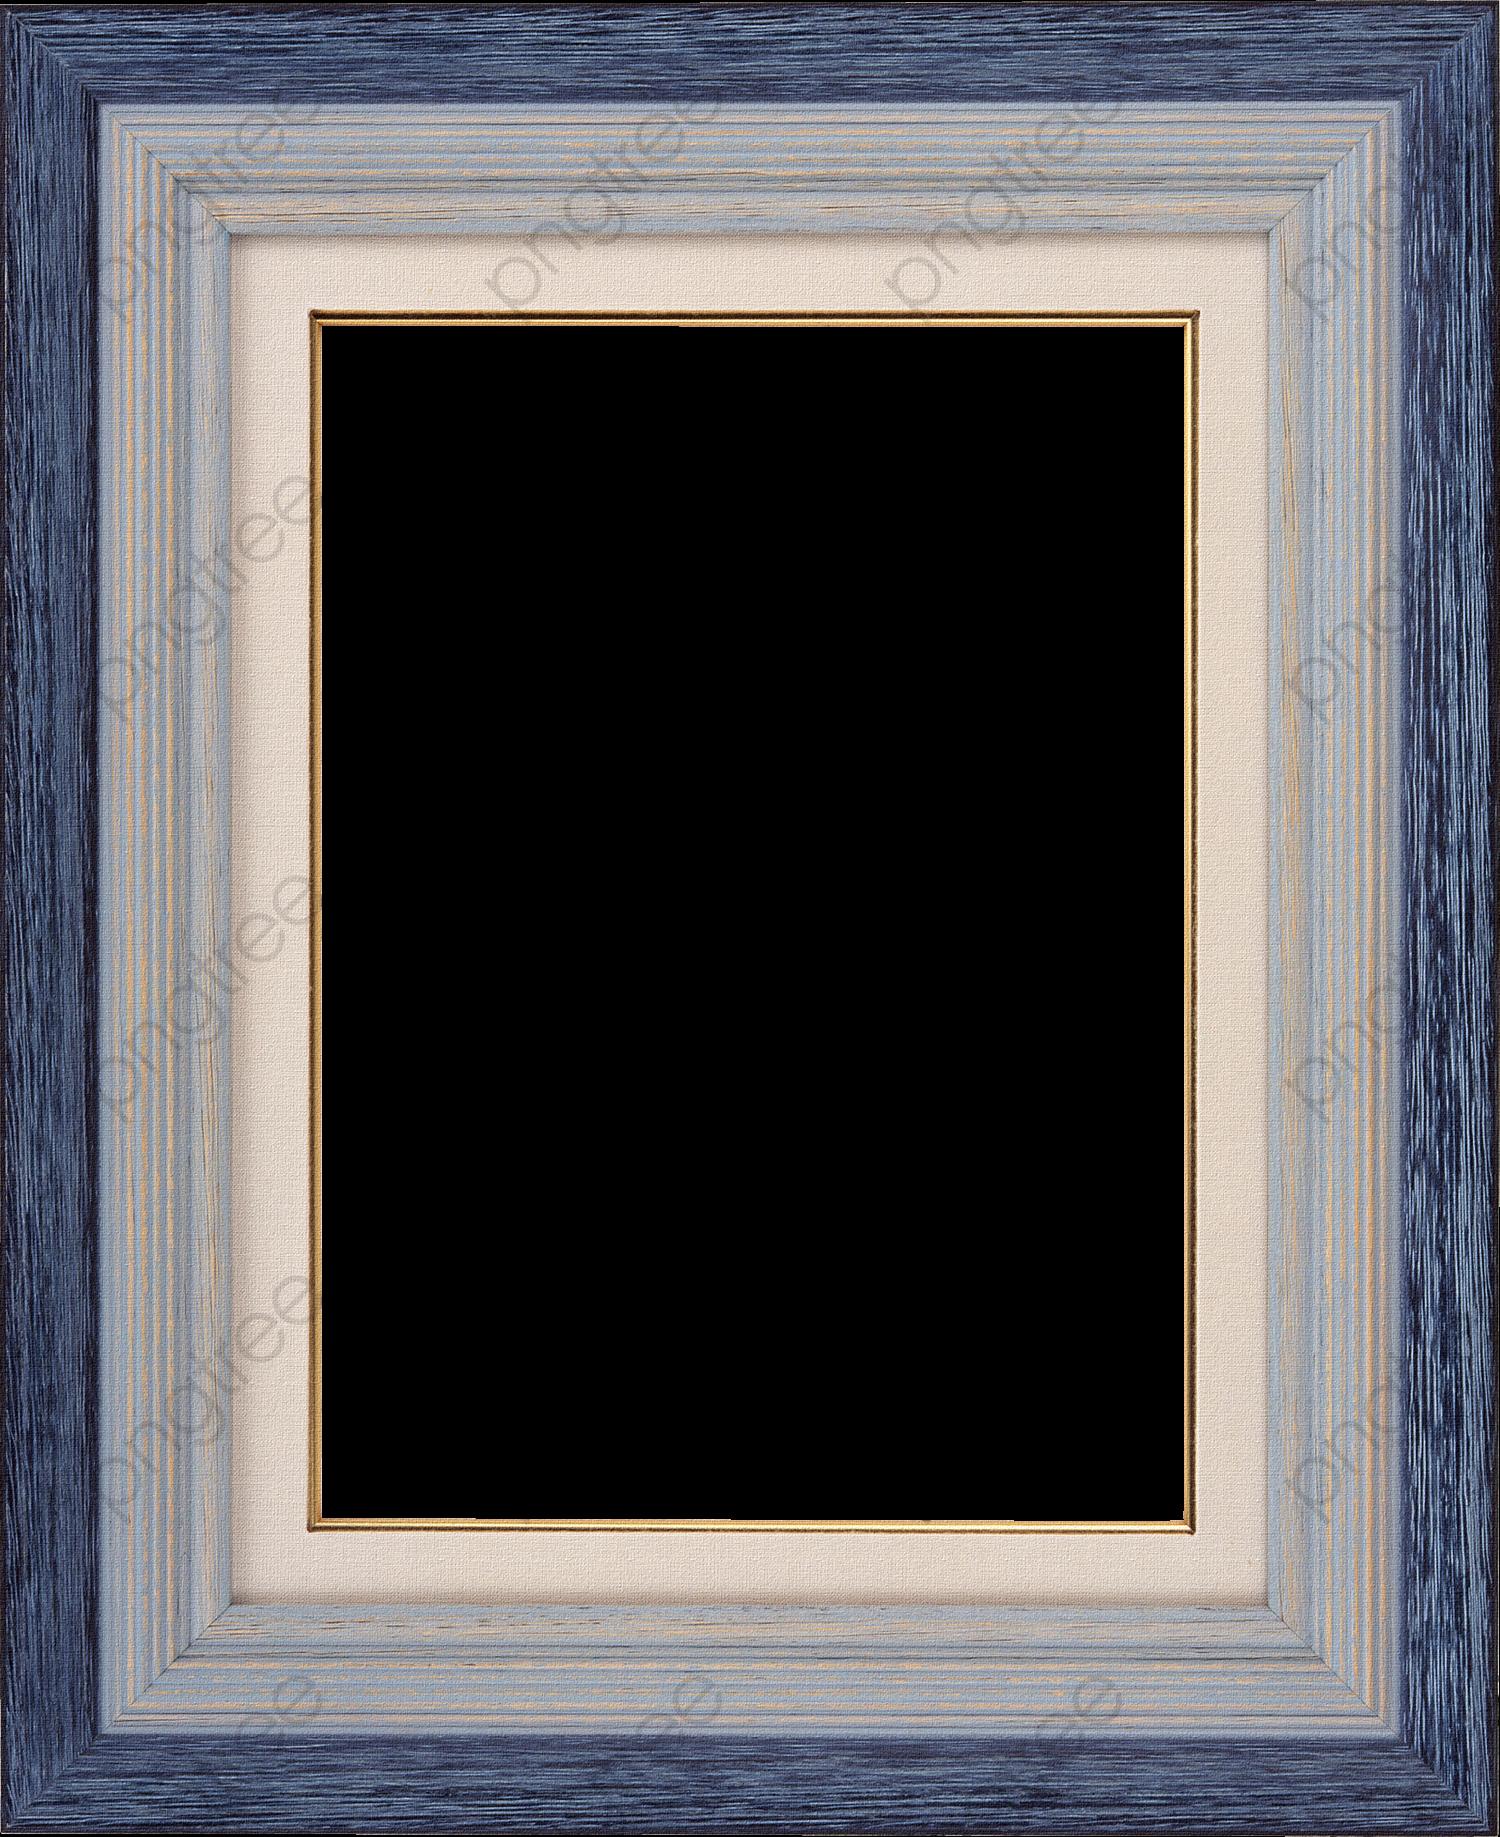 continental de la trame d image cadre photo cadre d